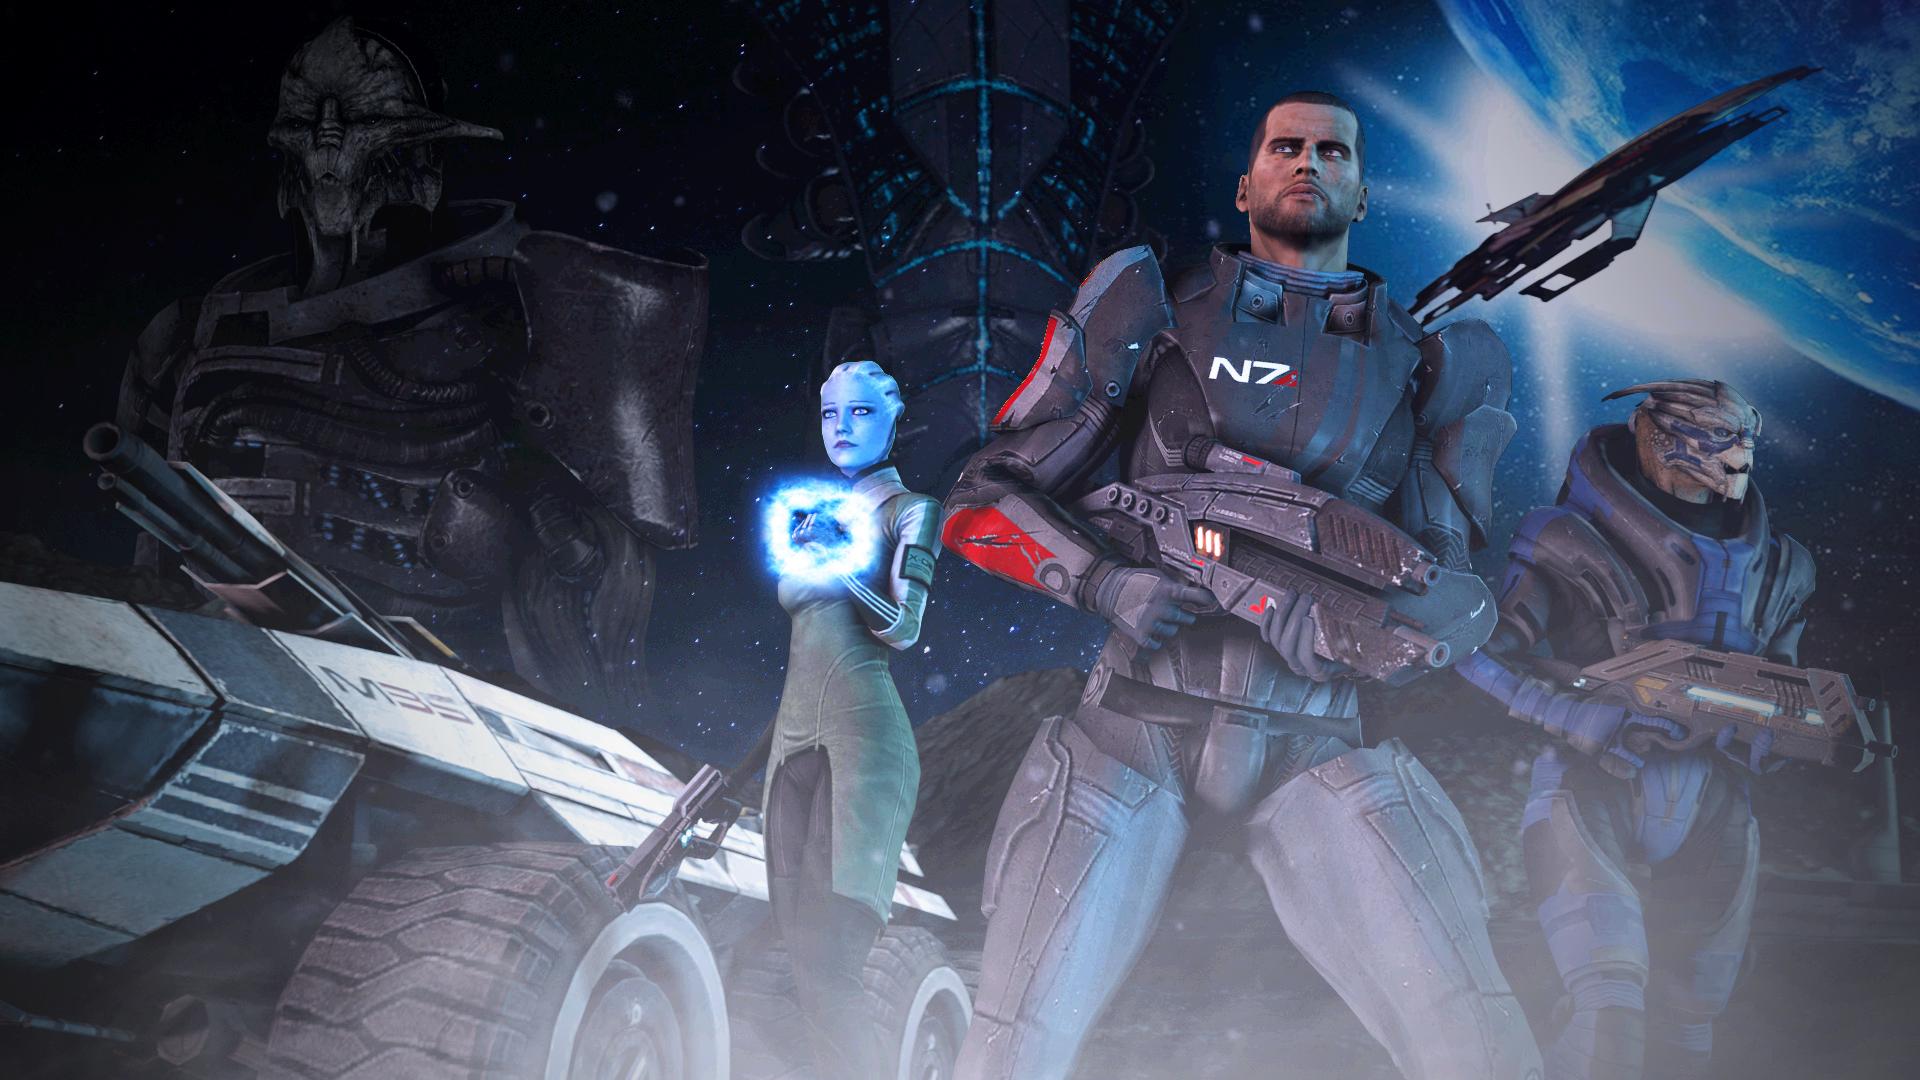 Mass Effect Sfm